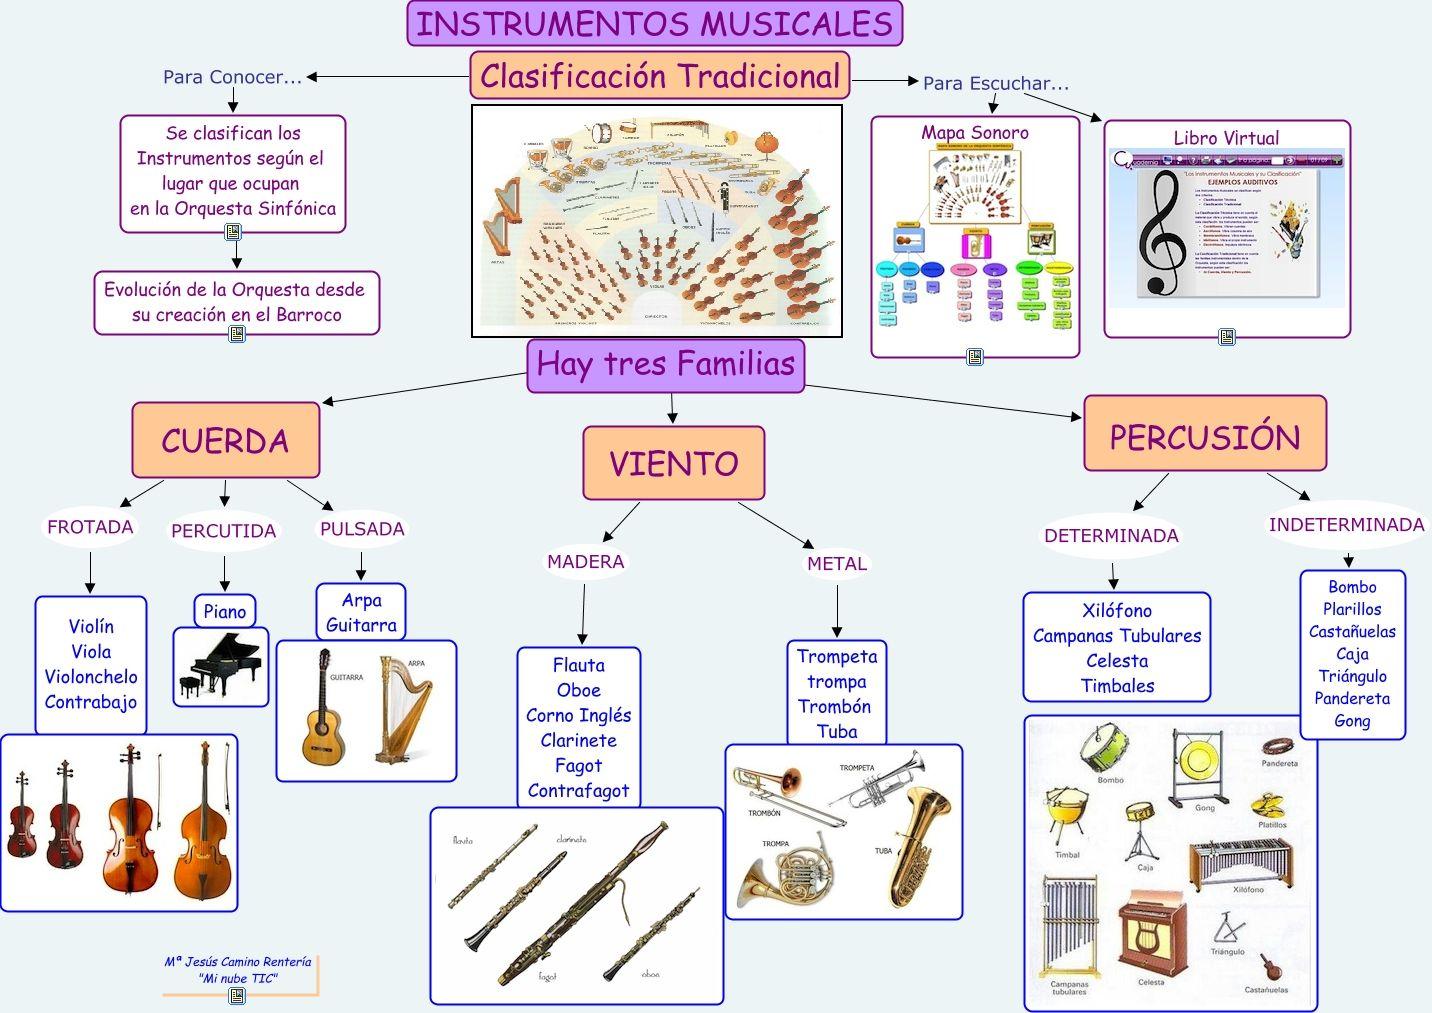 Las Mejores 14 Ideas De Intrumentos Musicales Caseros Musicales Intrumentos Musicales Caseros Actividades Musicales